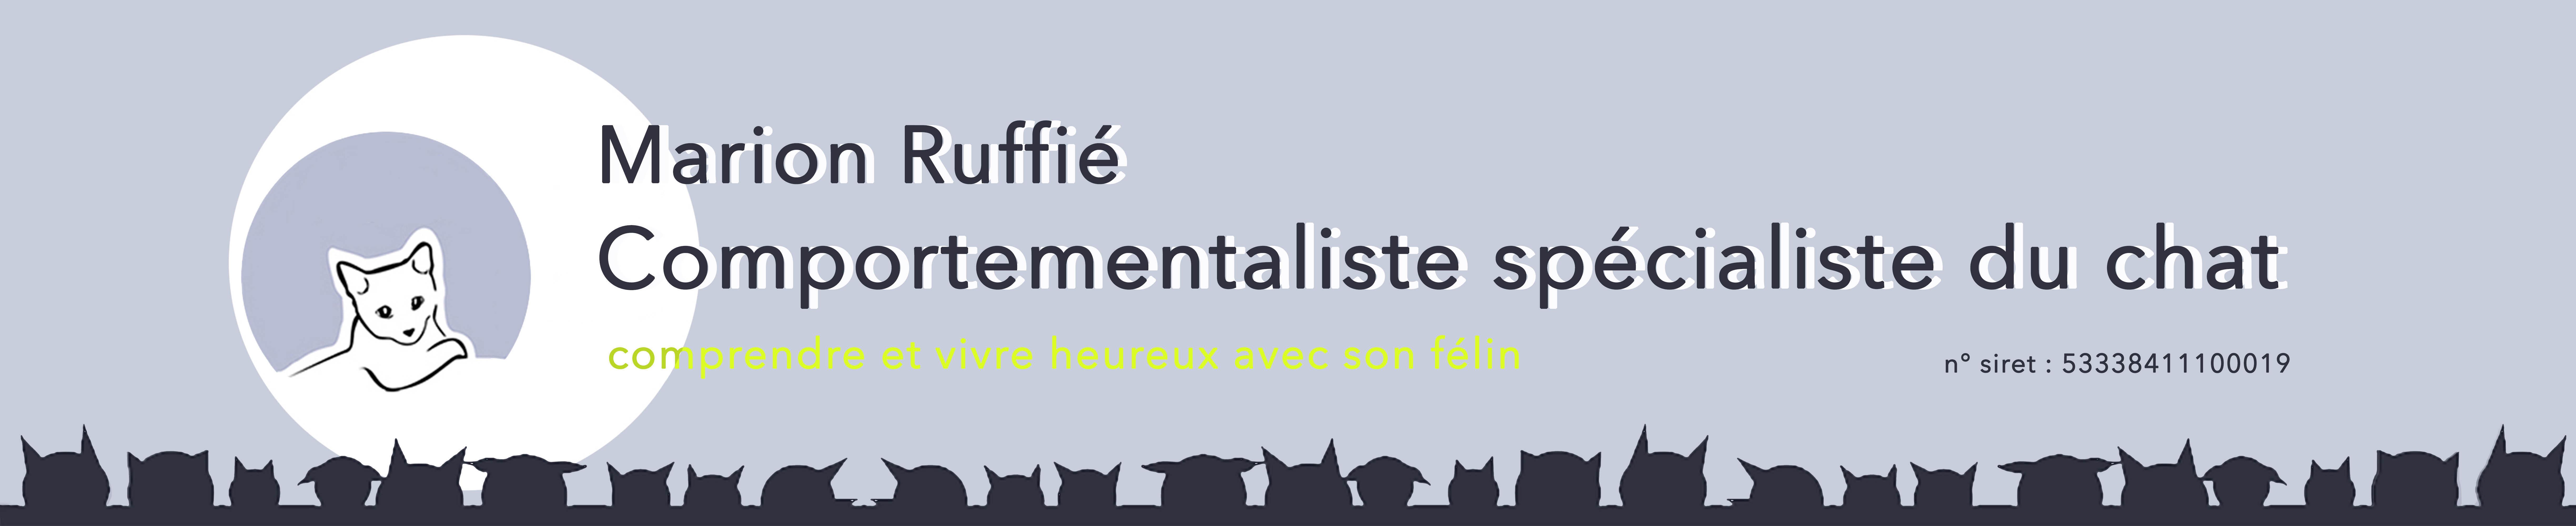 Comportementaliste chat Paris_ Marion Ruffié